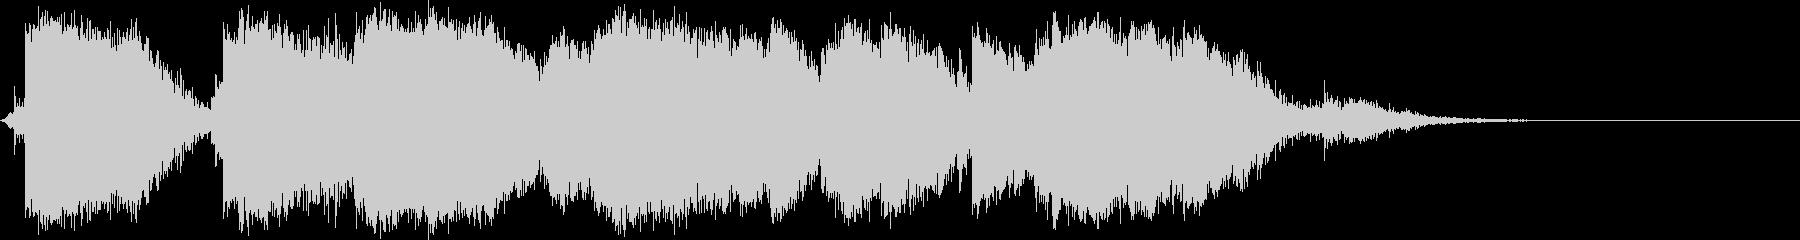 大規模な金属クラッタクラッシュの未再生の波形